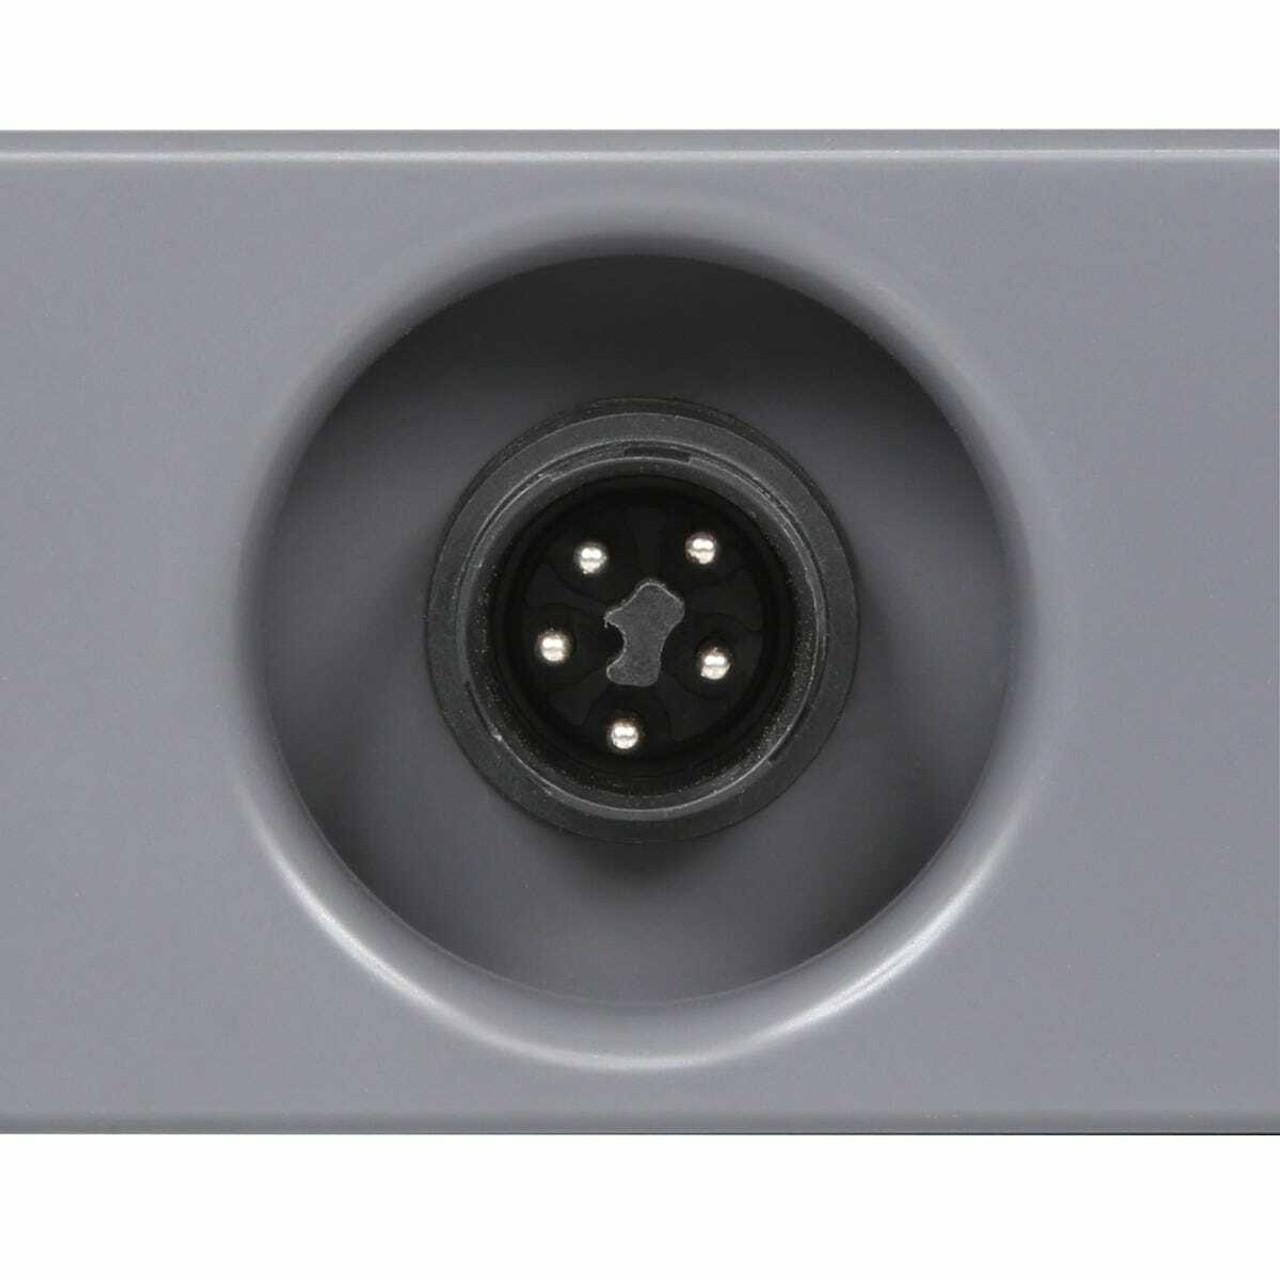 Gavita Pro 1700e LED 120-277 Volt - 3